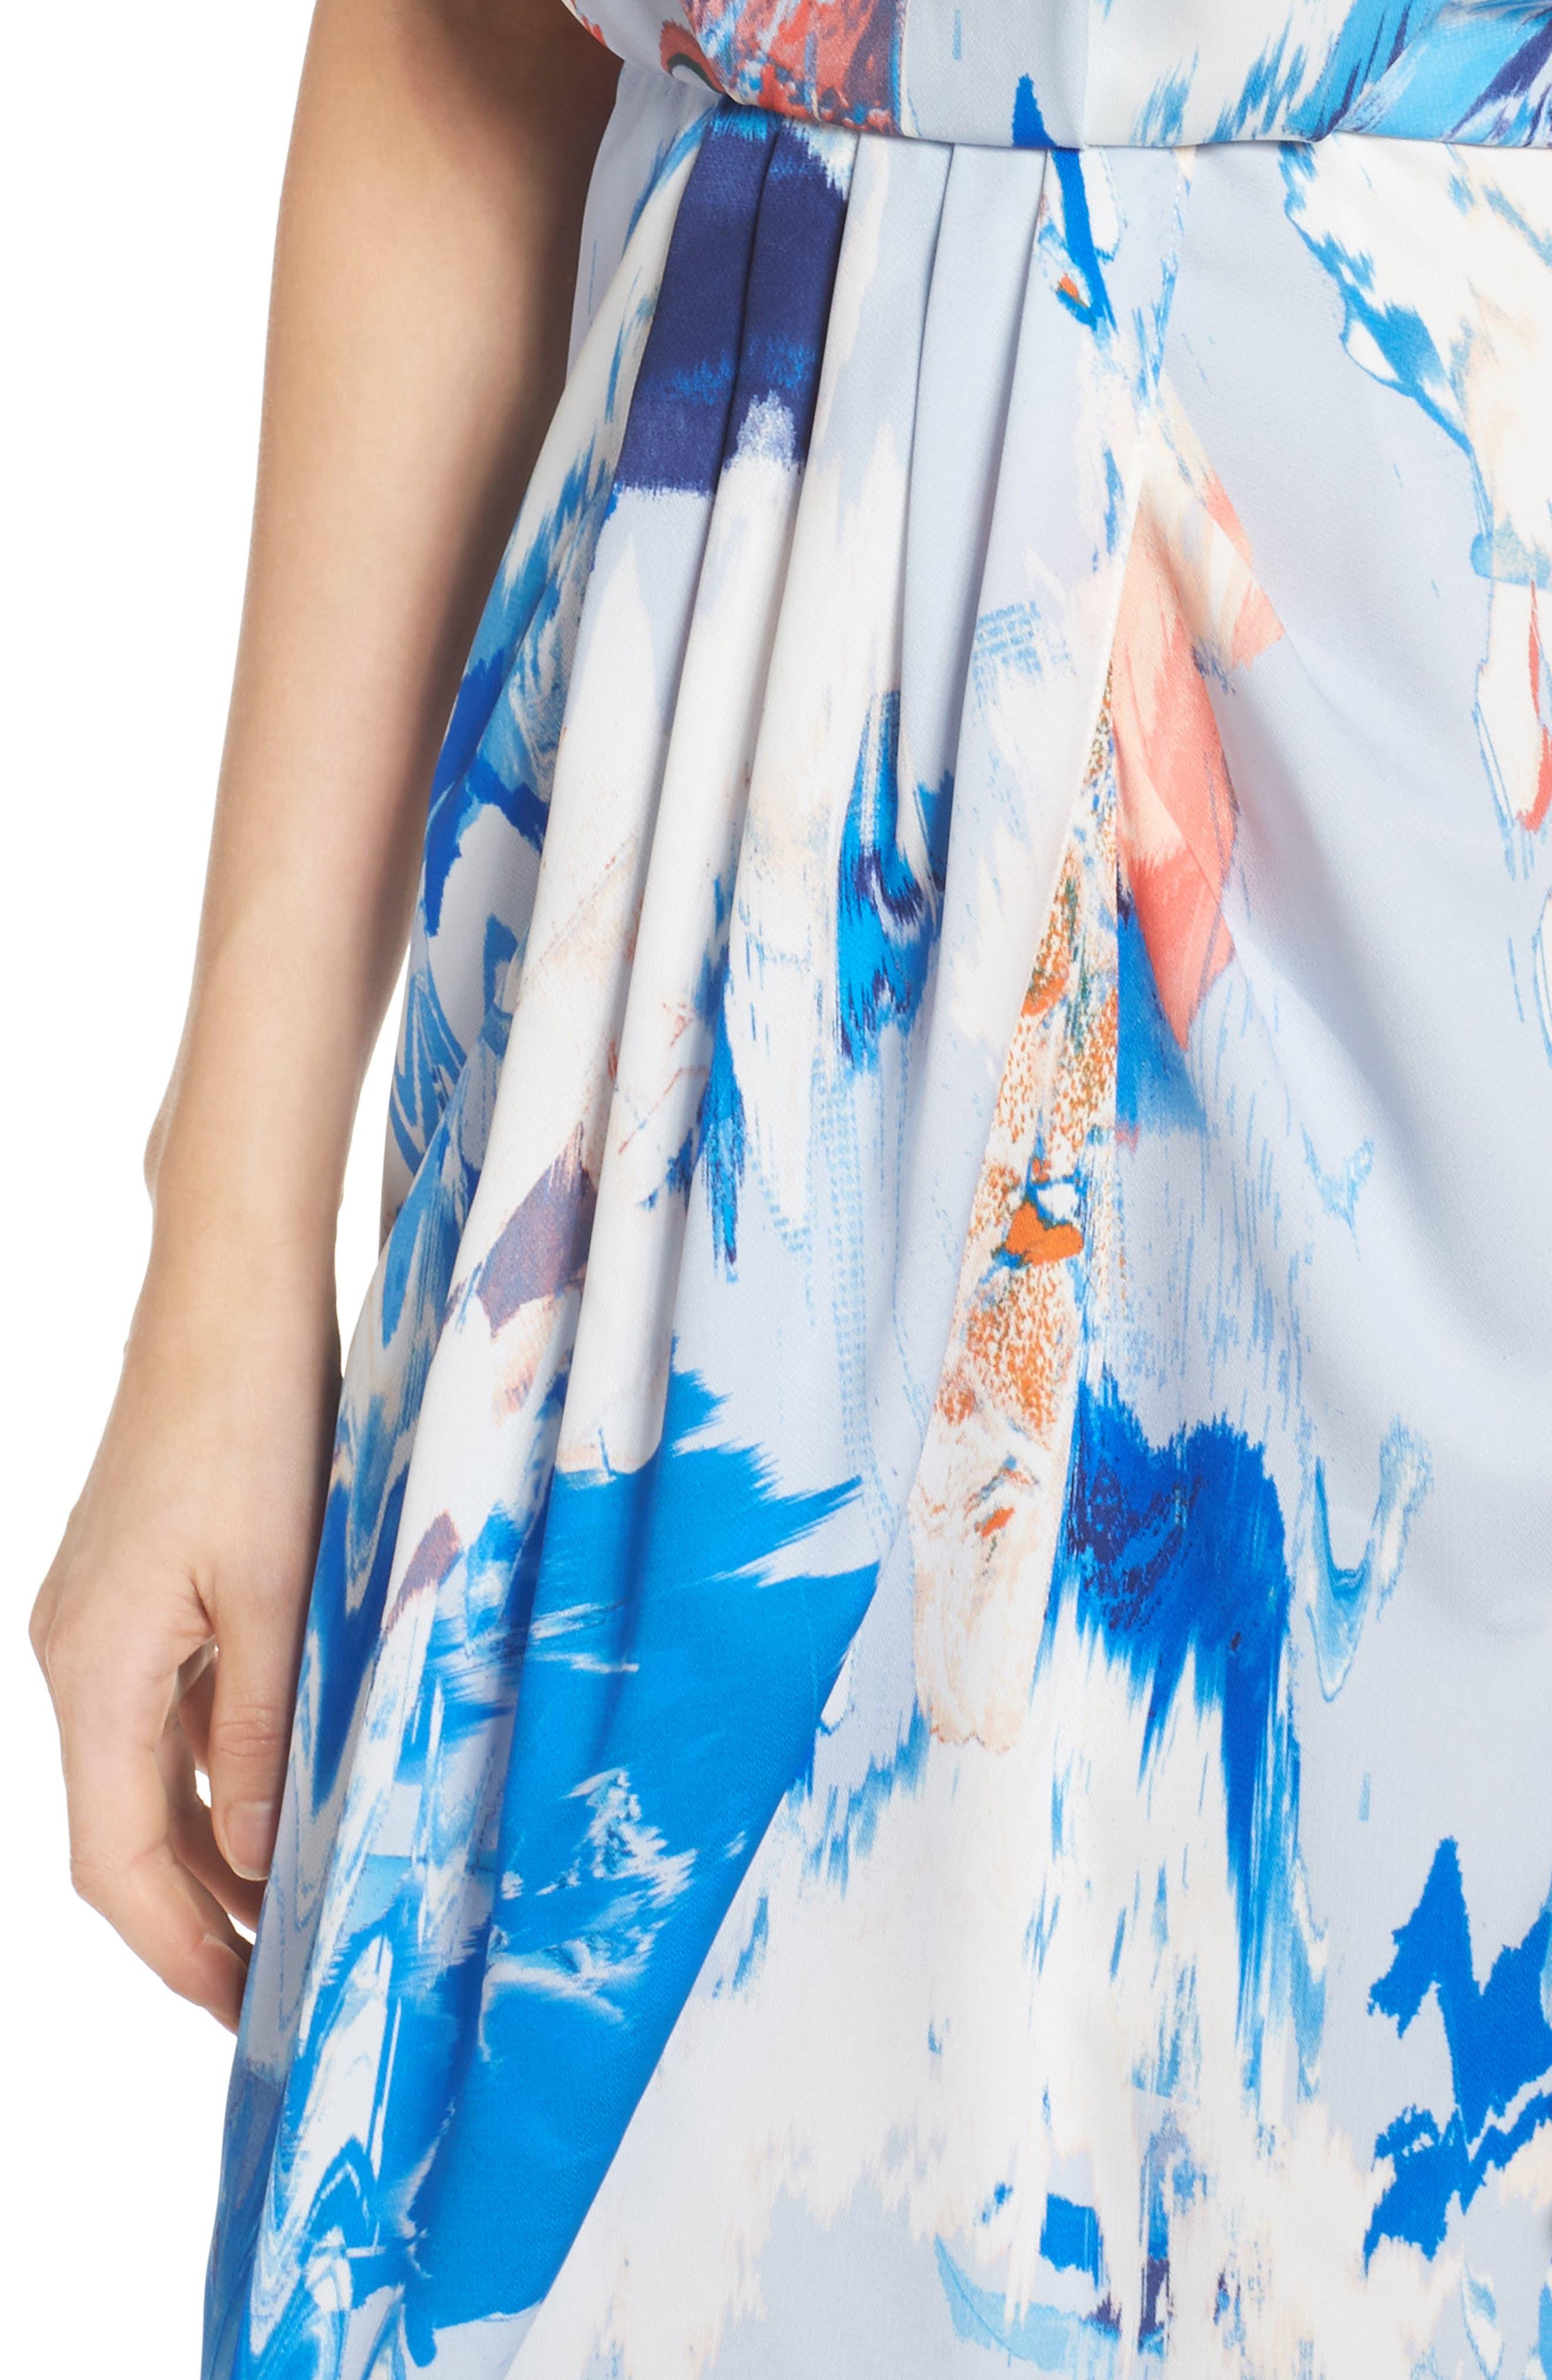 Print Faux Wrap Dress,                             Alternate thumbnail 4, color,                             BLUE WATERCOLOR FLORAL PRINT